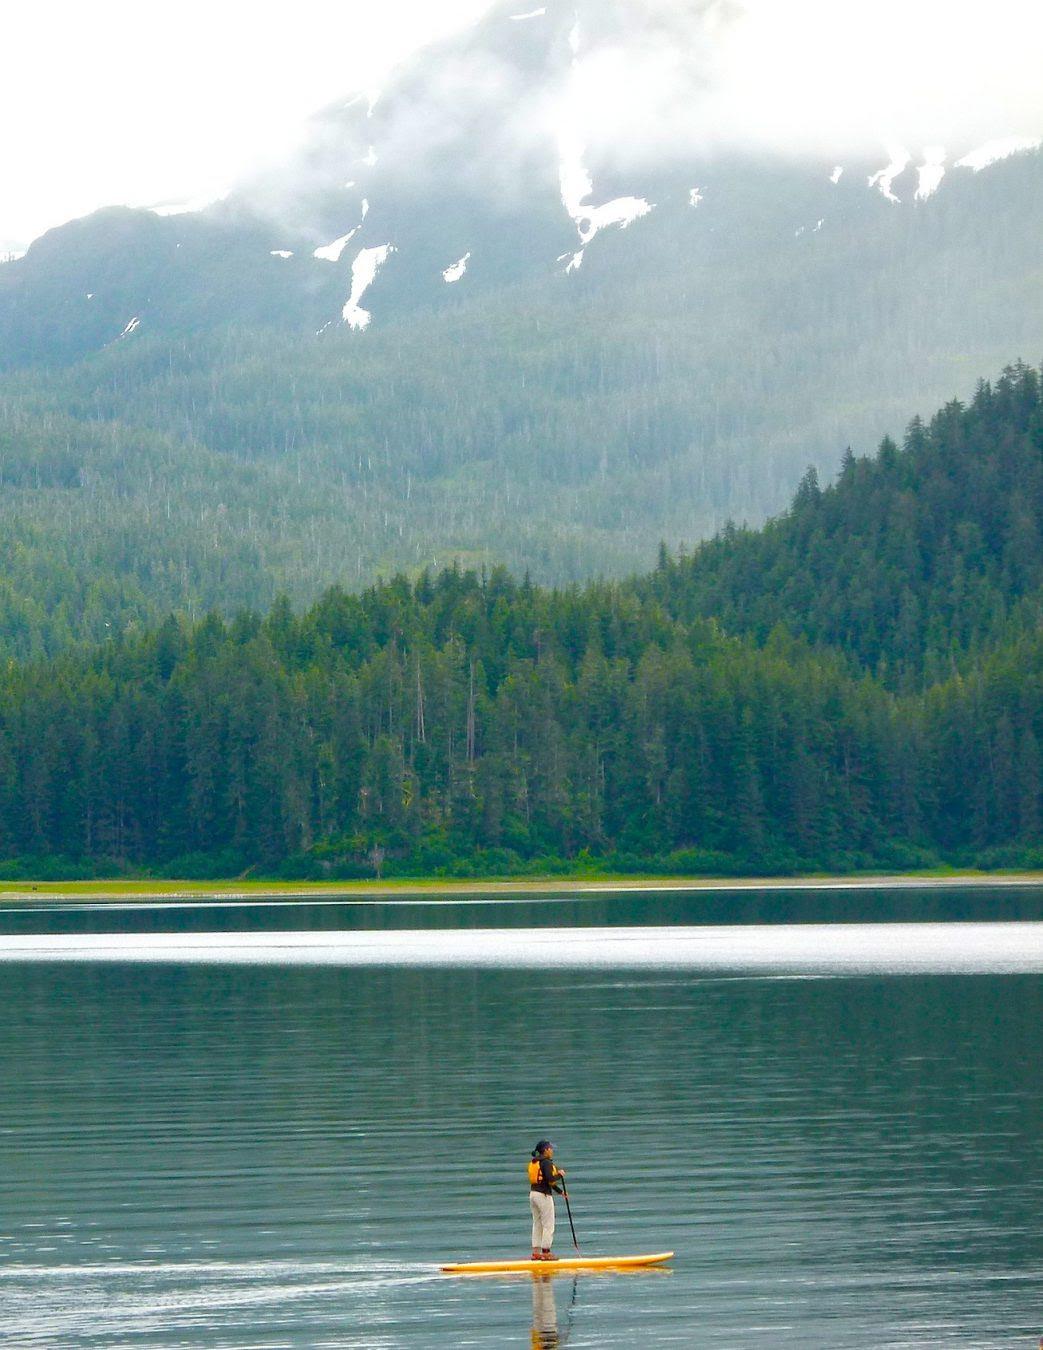 Janet Lien paddle boards in the beautiful Alaskan wilderness.